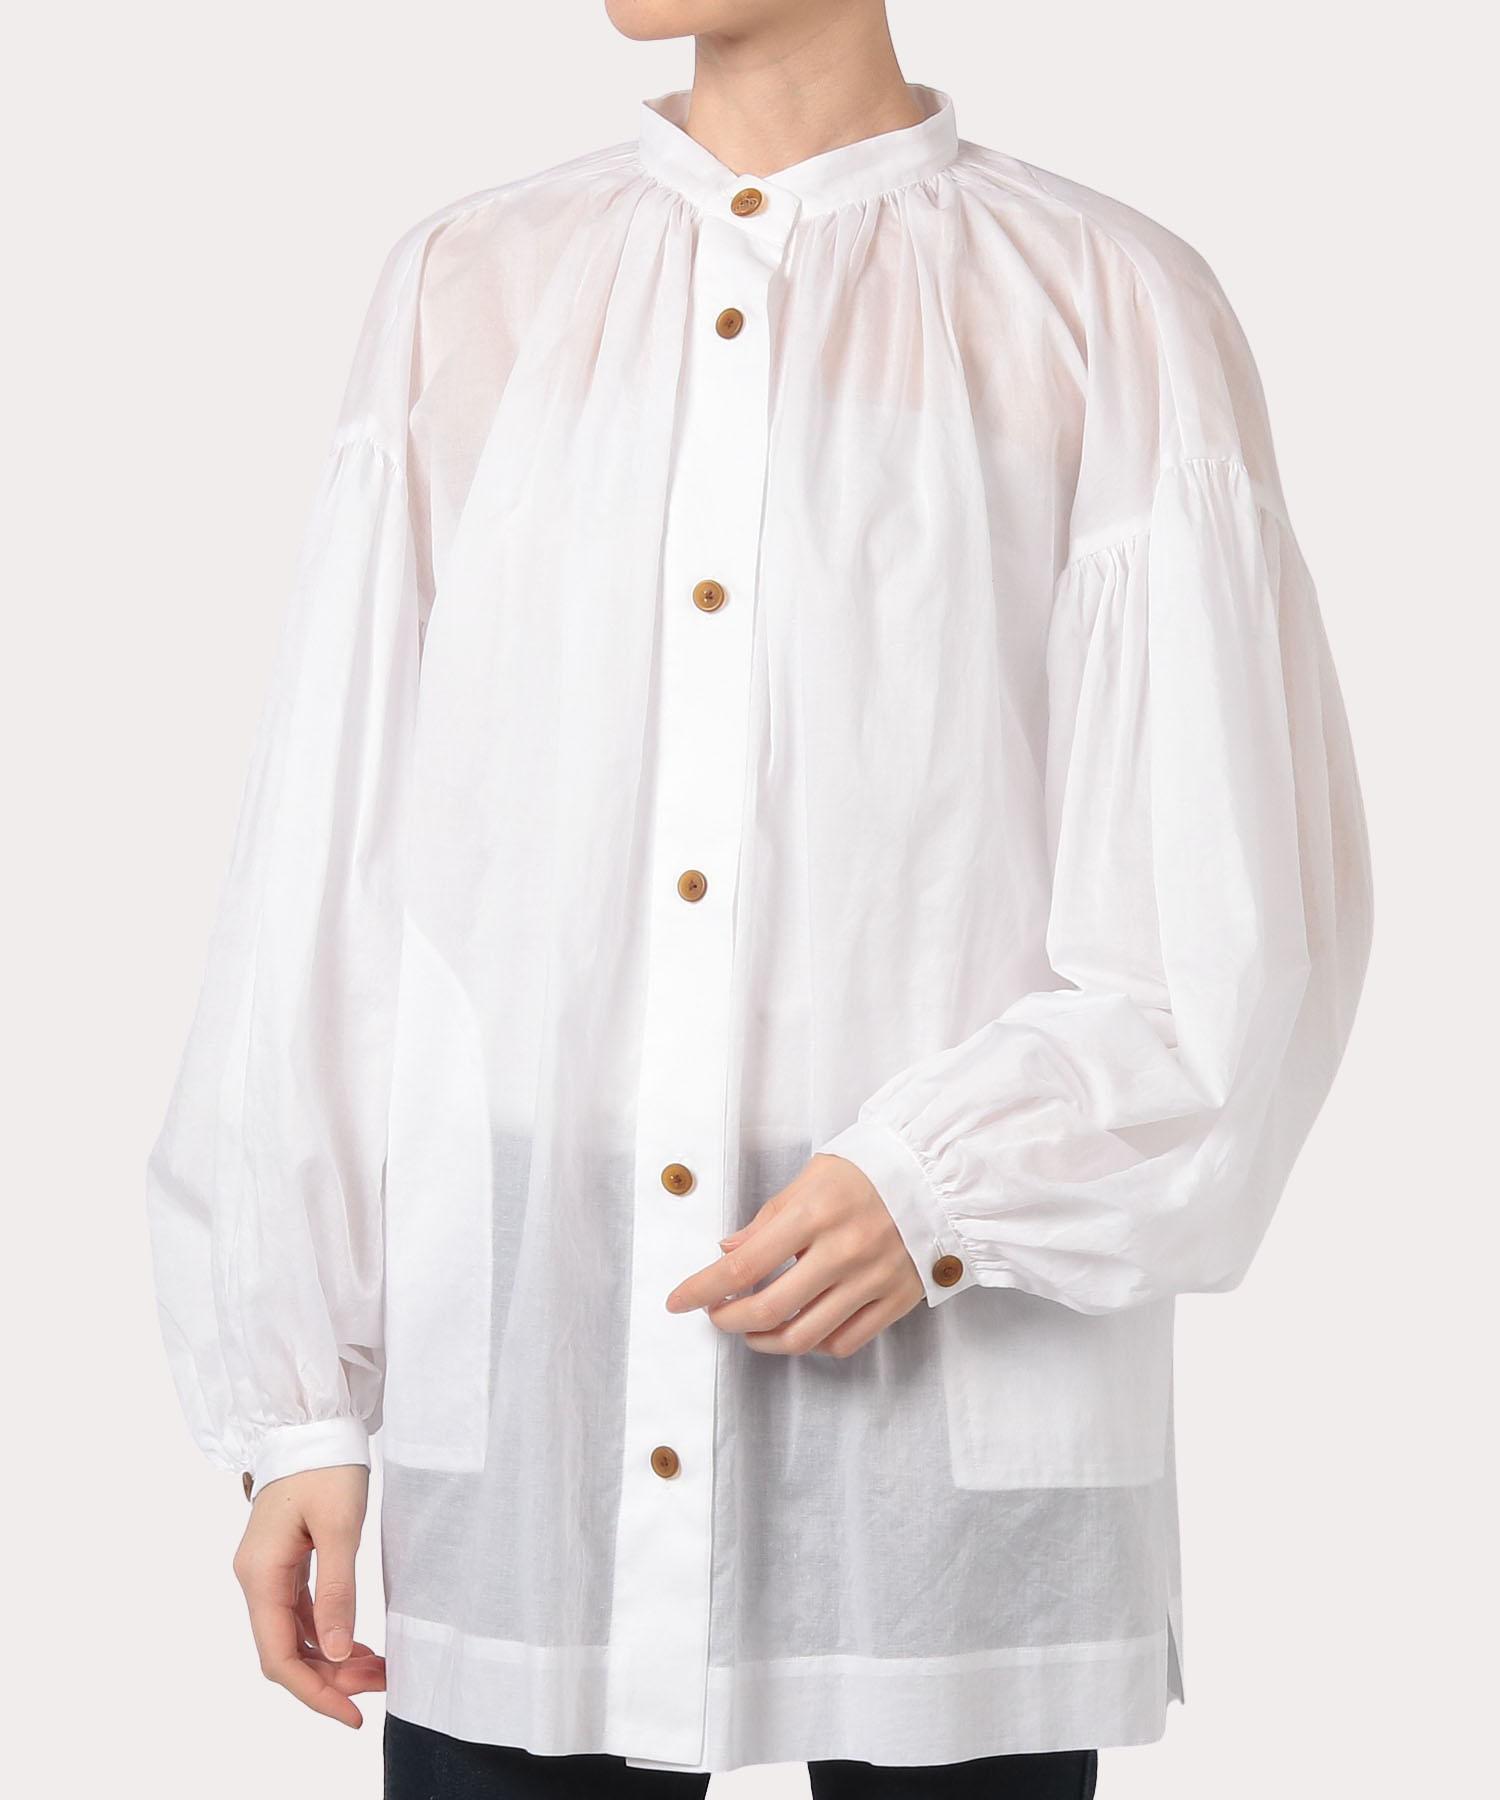 ビンテージワッシャー ソフトボンデージシャツ